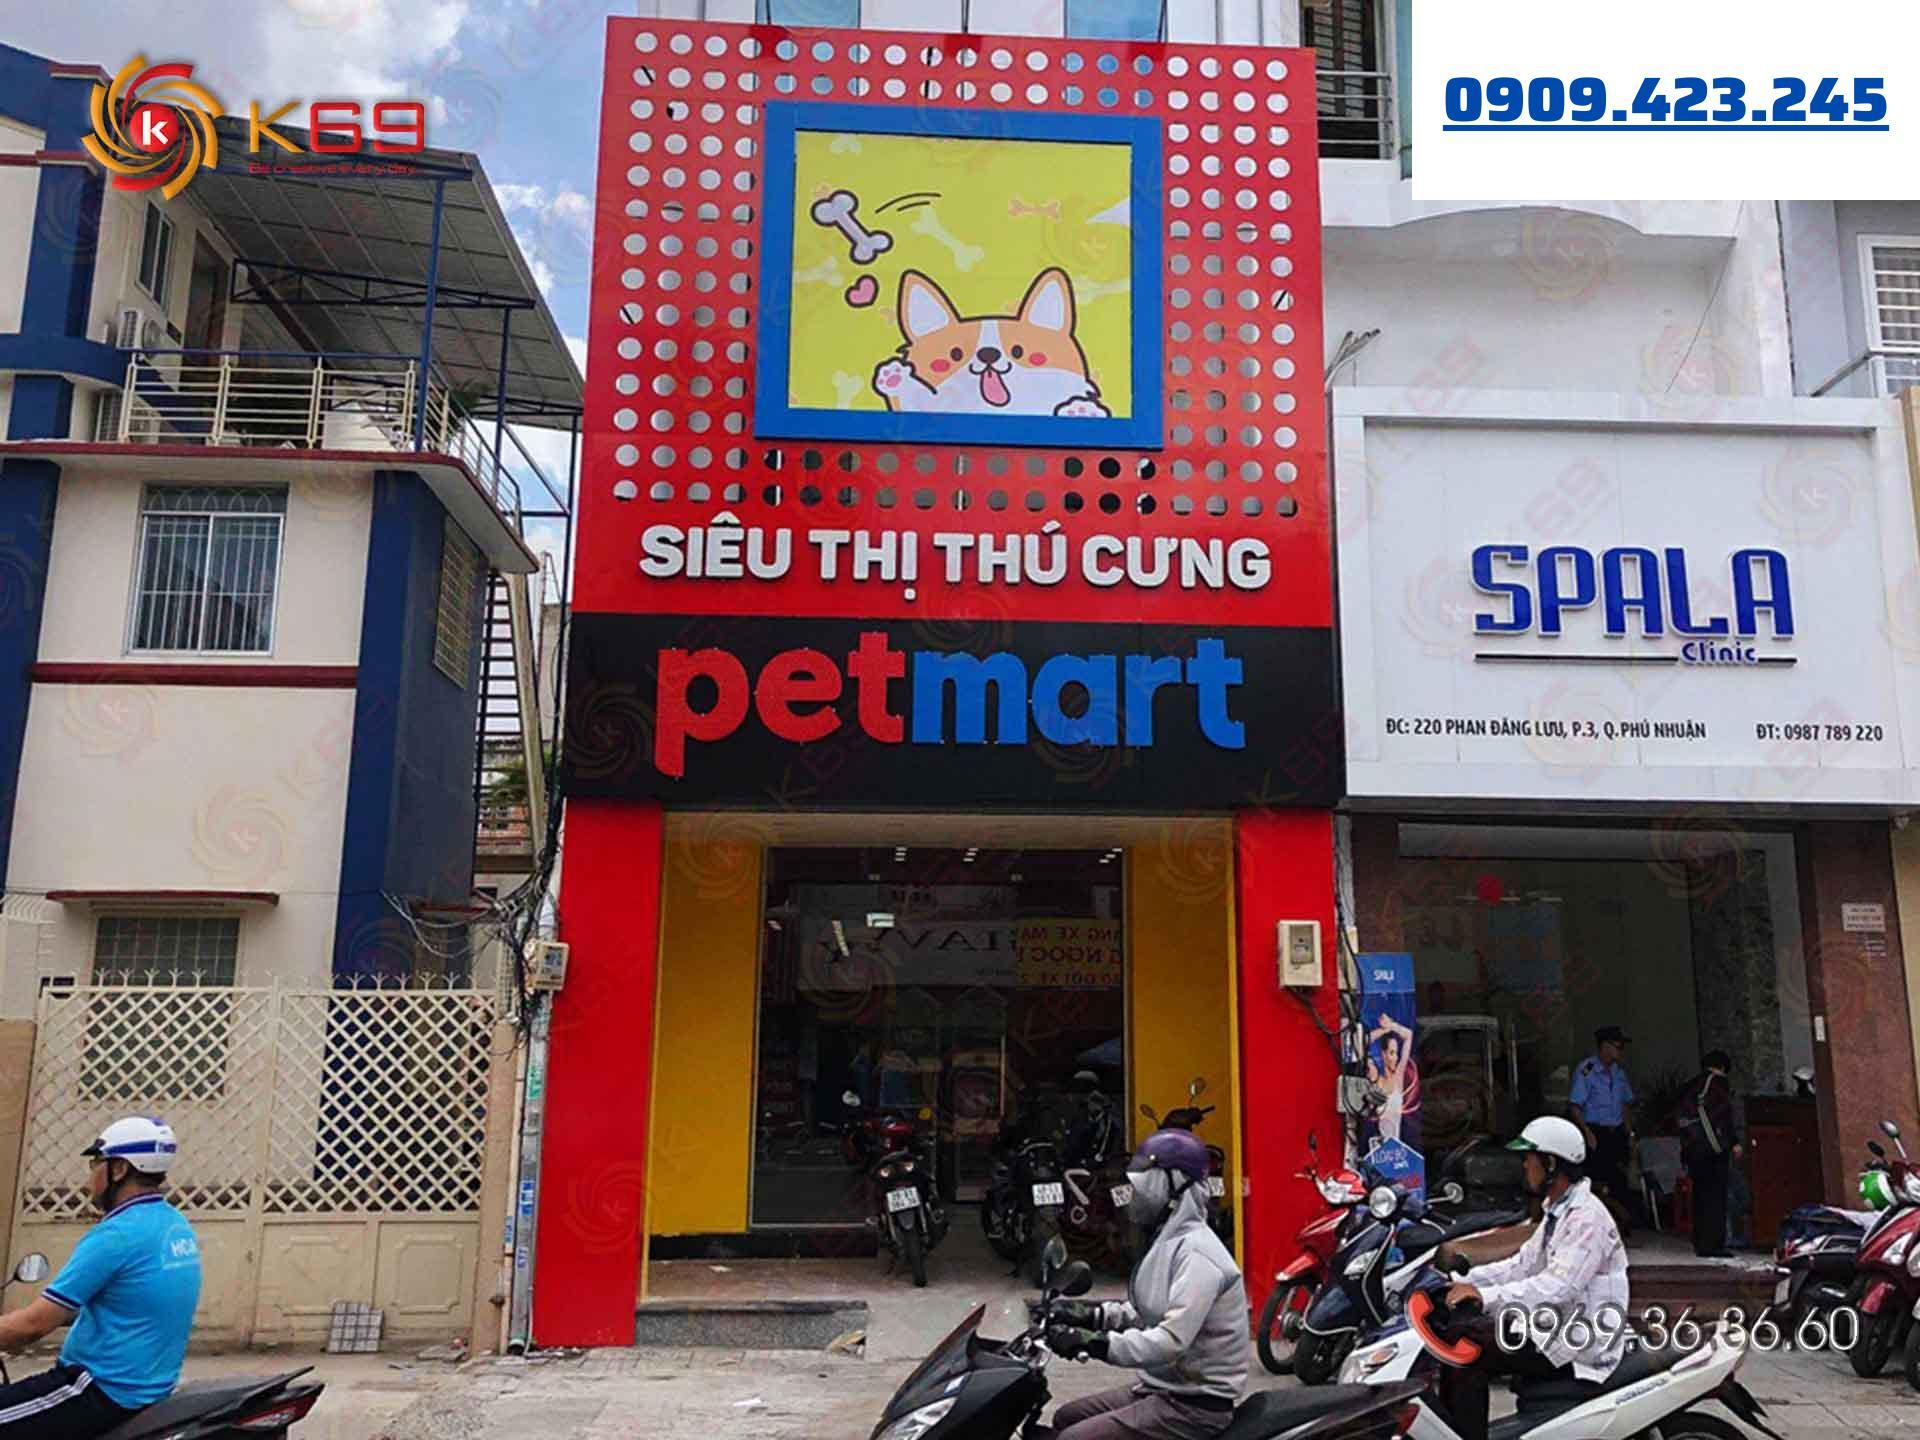 Mẫu bảng hiệu siêu thị thú cưng đẹp tại K69adv